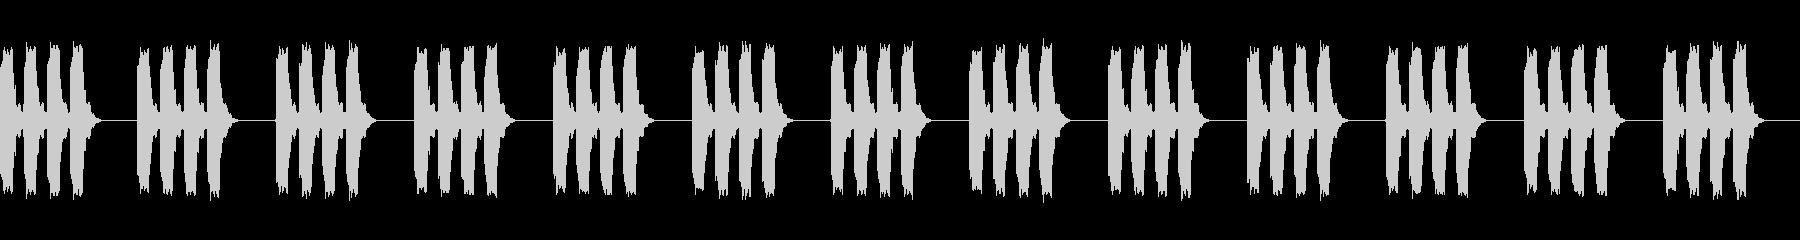 電子警告ビープ:一定の短いバースト...の未再生の波形